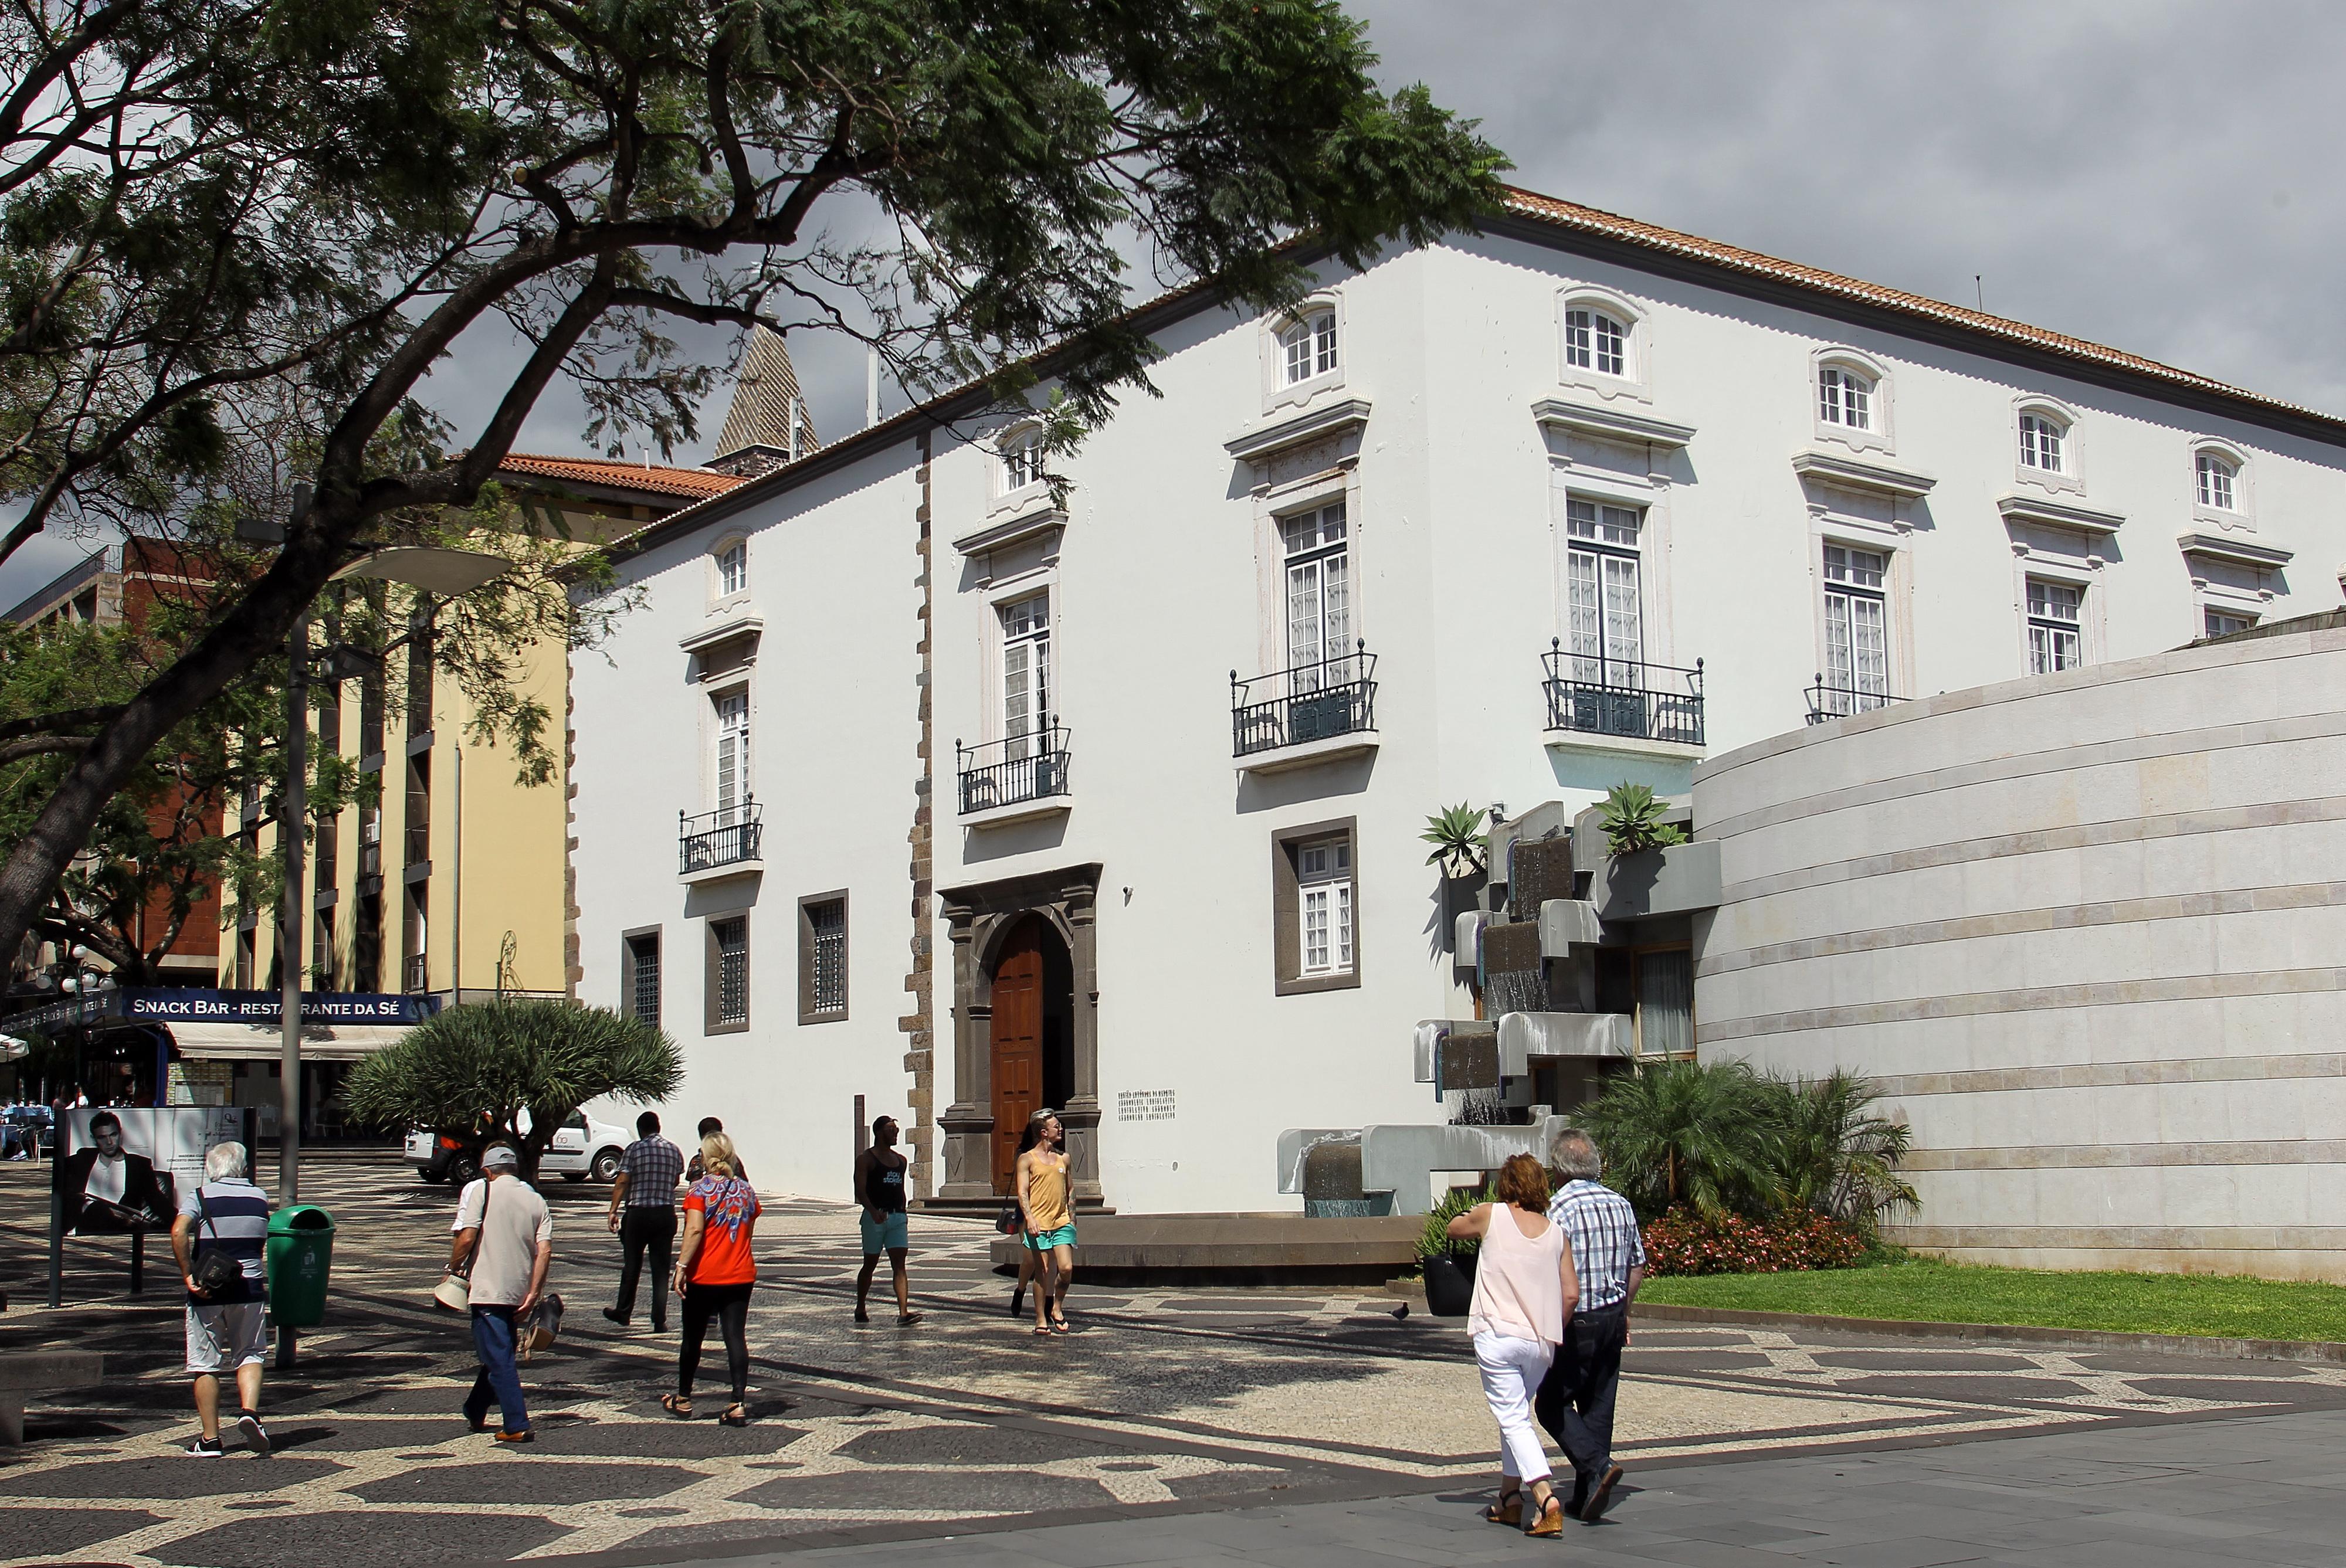 Orçamento da Madeira para 2020 aprovado com votos contra da oposição